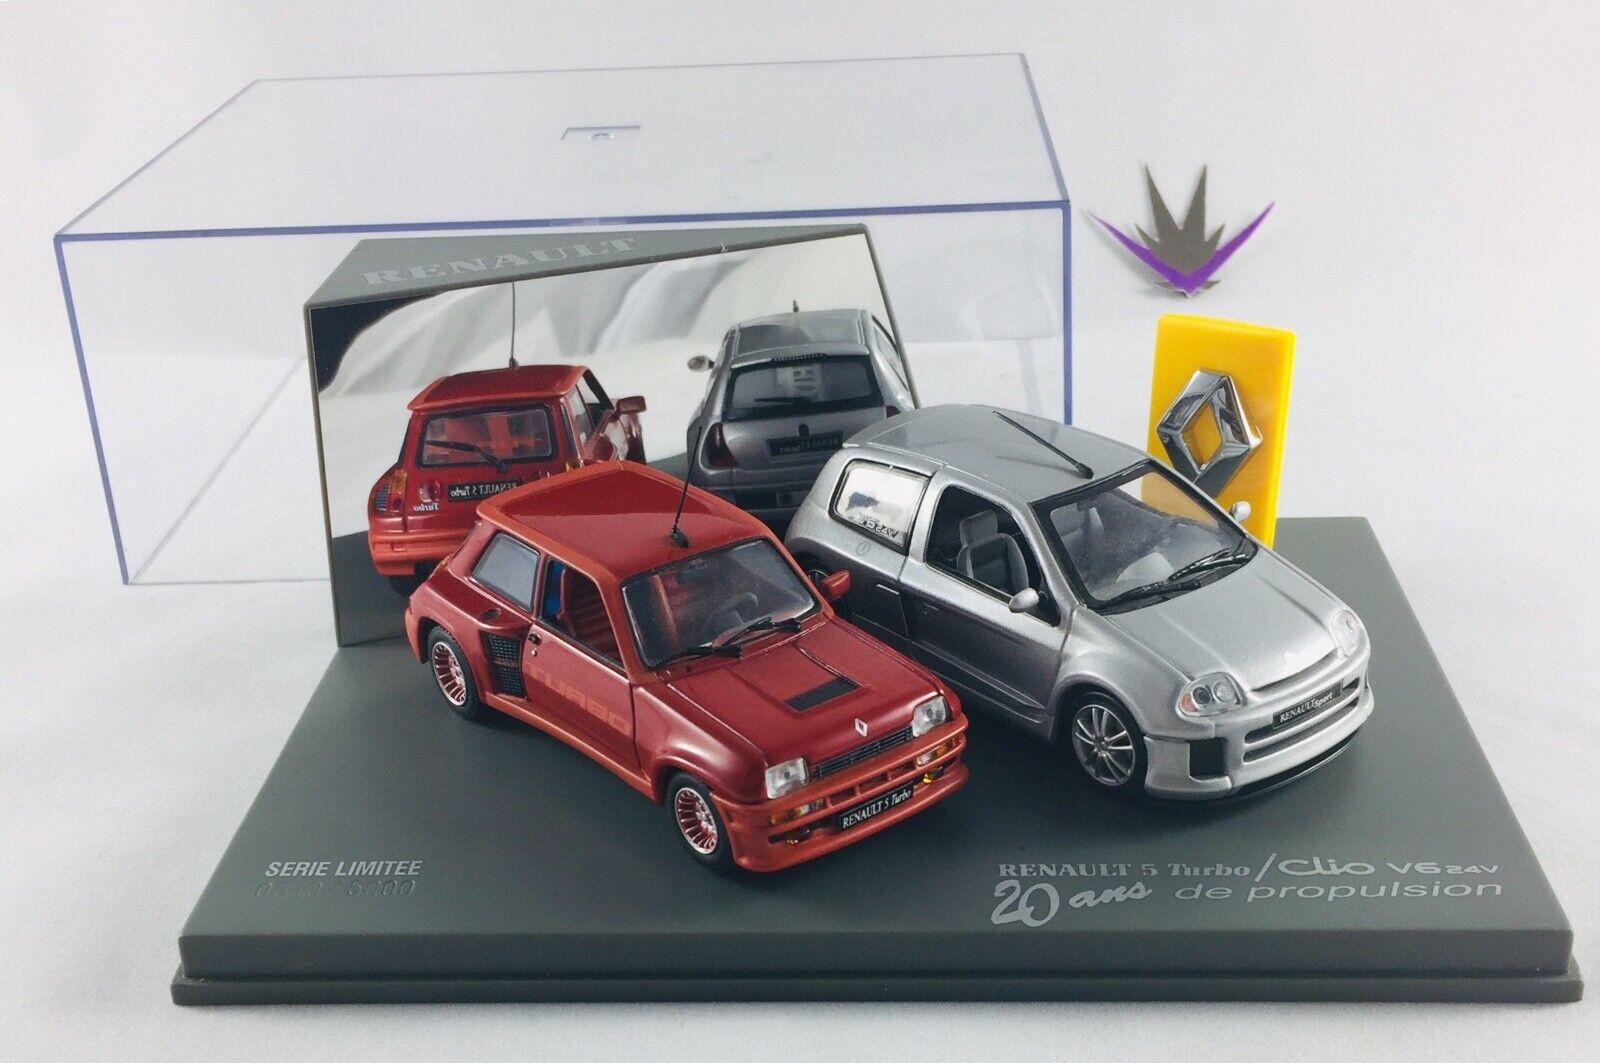 Universal Hobbies Renault 5 Turbo Clio V6 24V 1 43 avec boîte